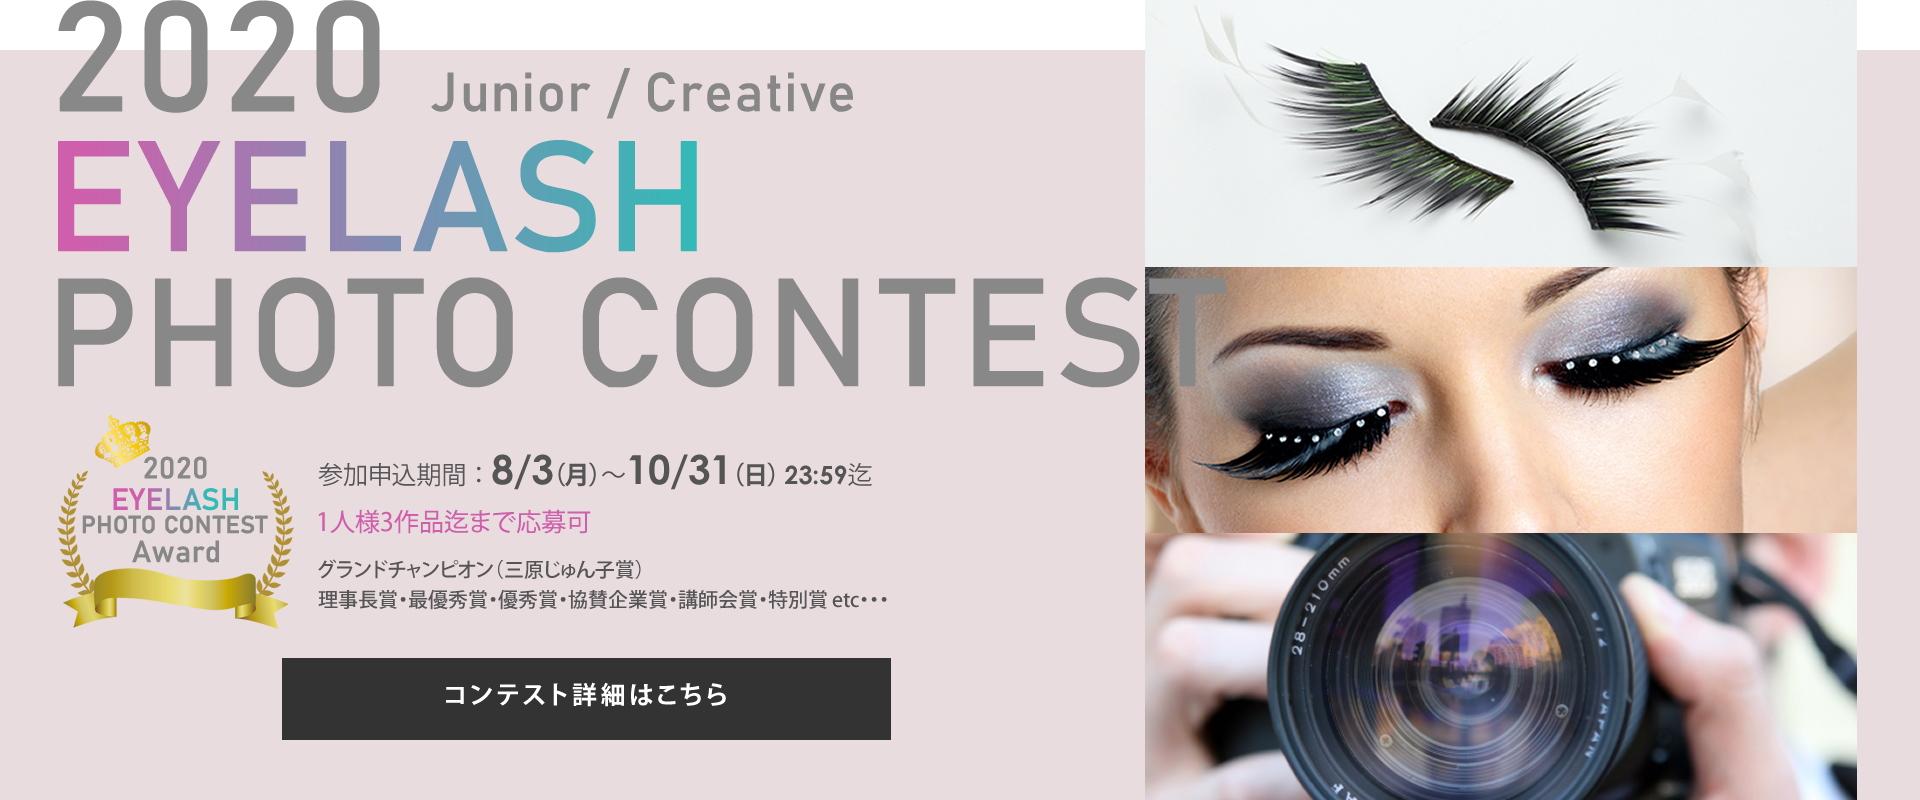 2020 EYELASH PHOTO CONTEST|まつ毛エクステンションフォトコンテスト開催|JECA一般社団法人日本まつ毛エクステンション認定機構